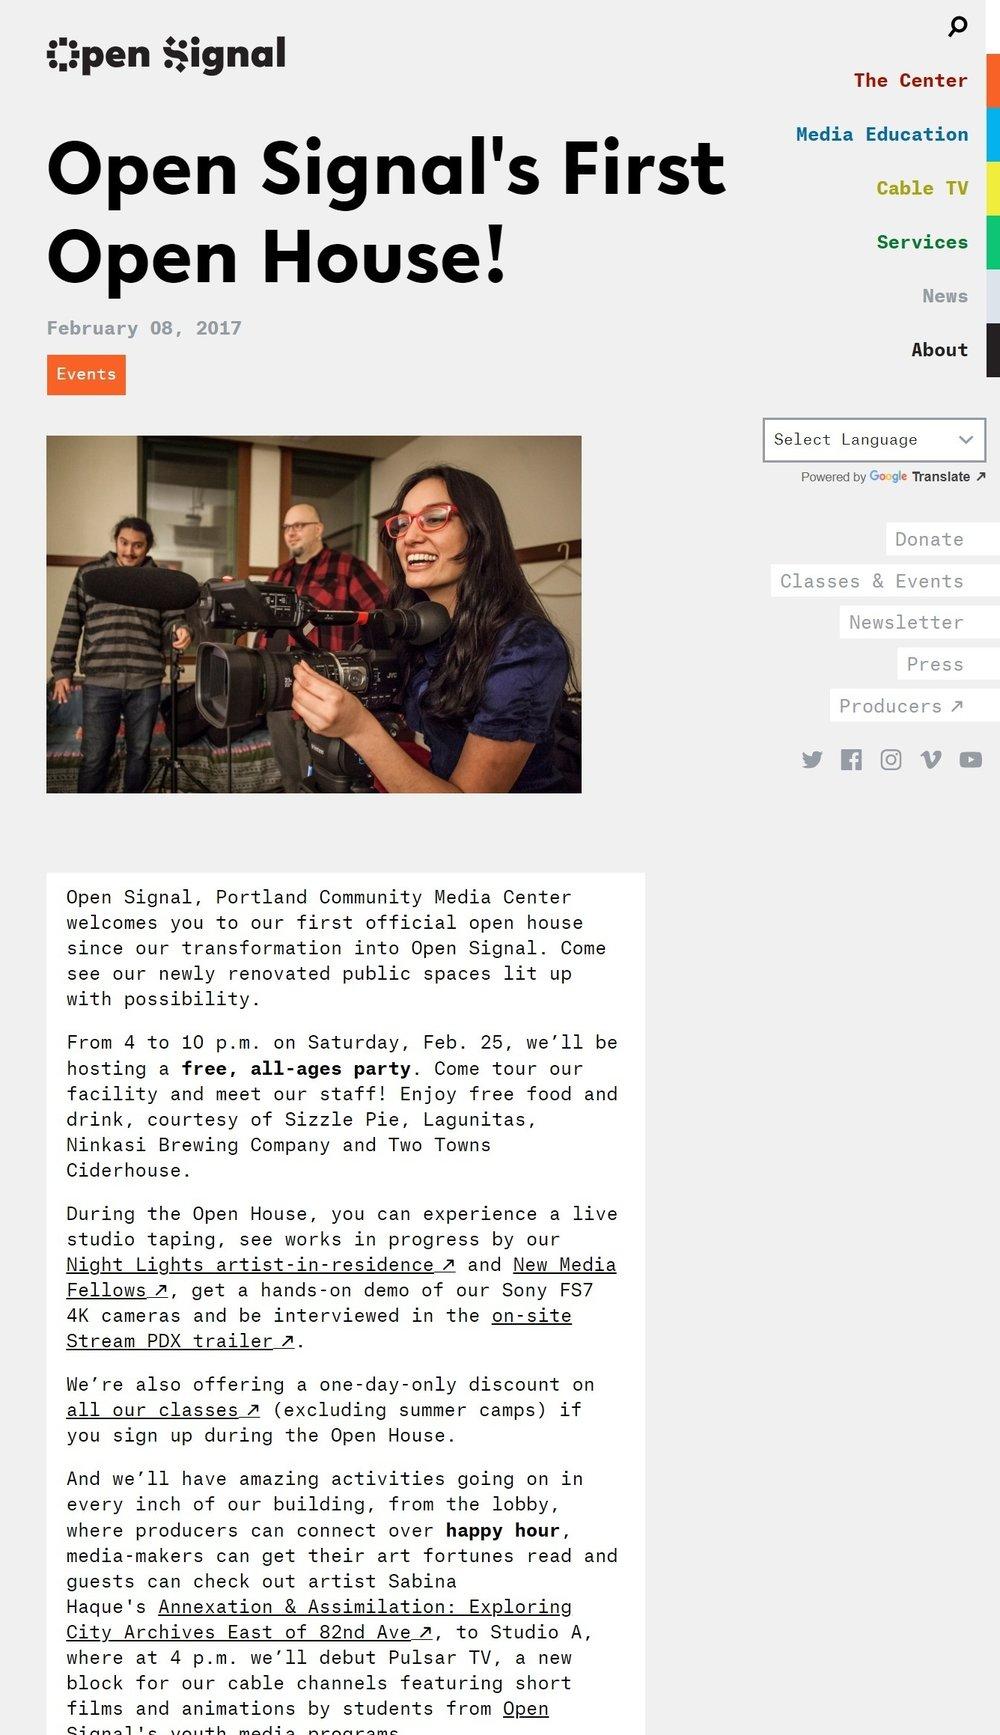 www.opensignalpdx.org_news_open-signals-first-open-house_.jpg